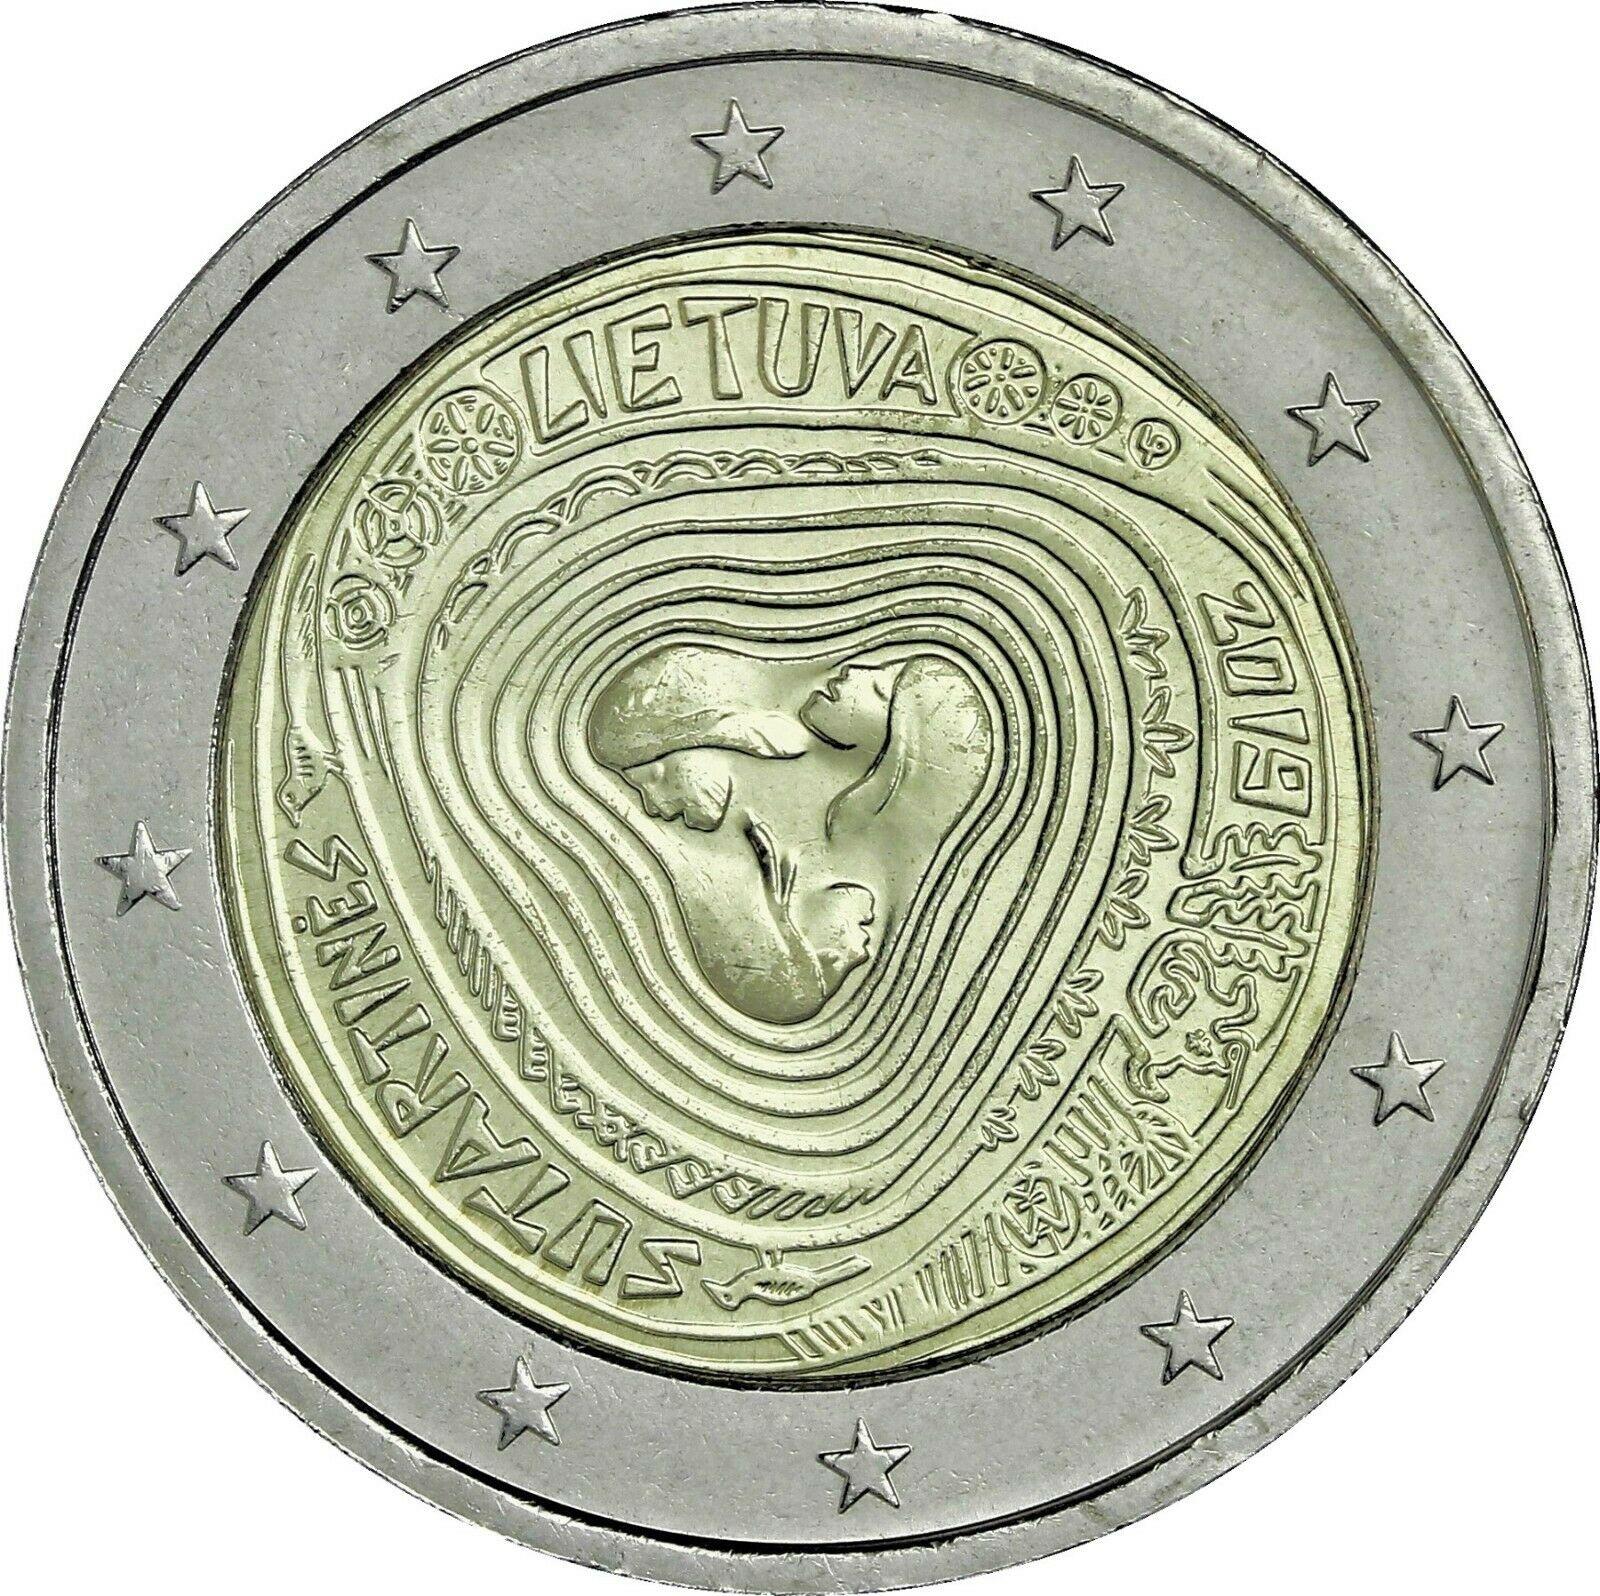 Литва 2 евро 2019 г. Литовские народные песни - Сутартины